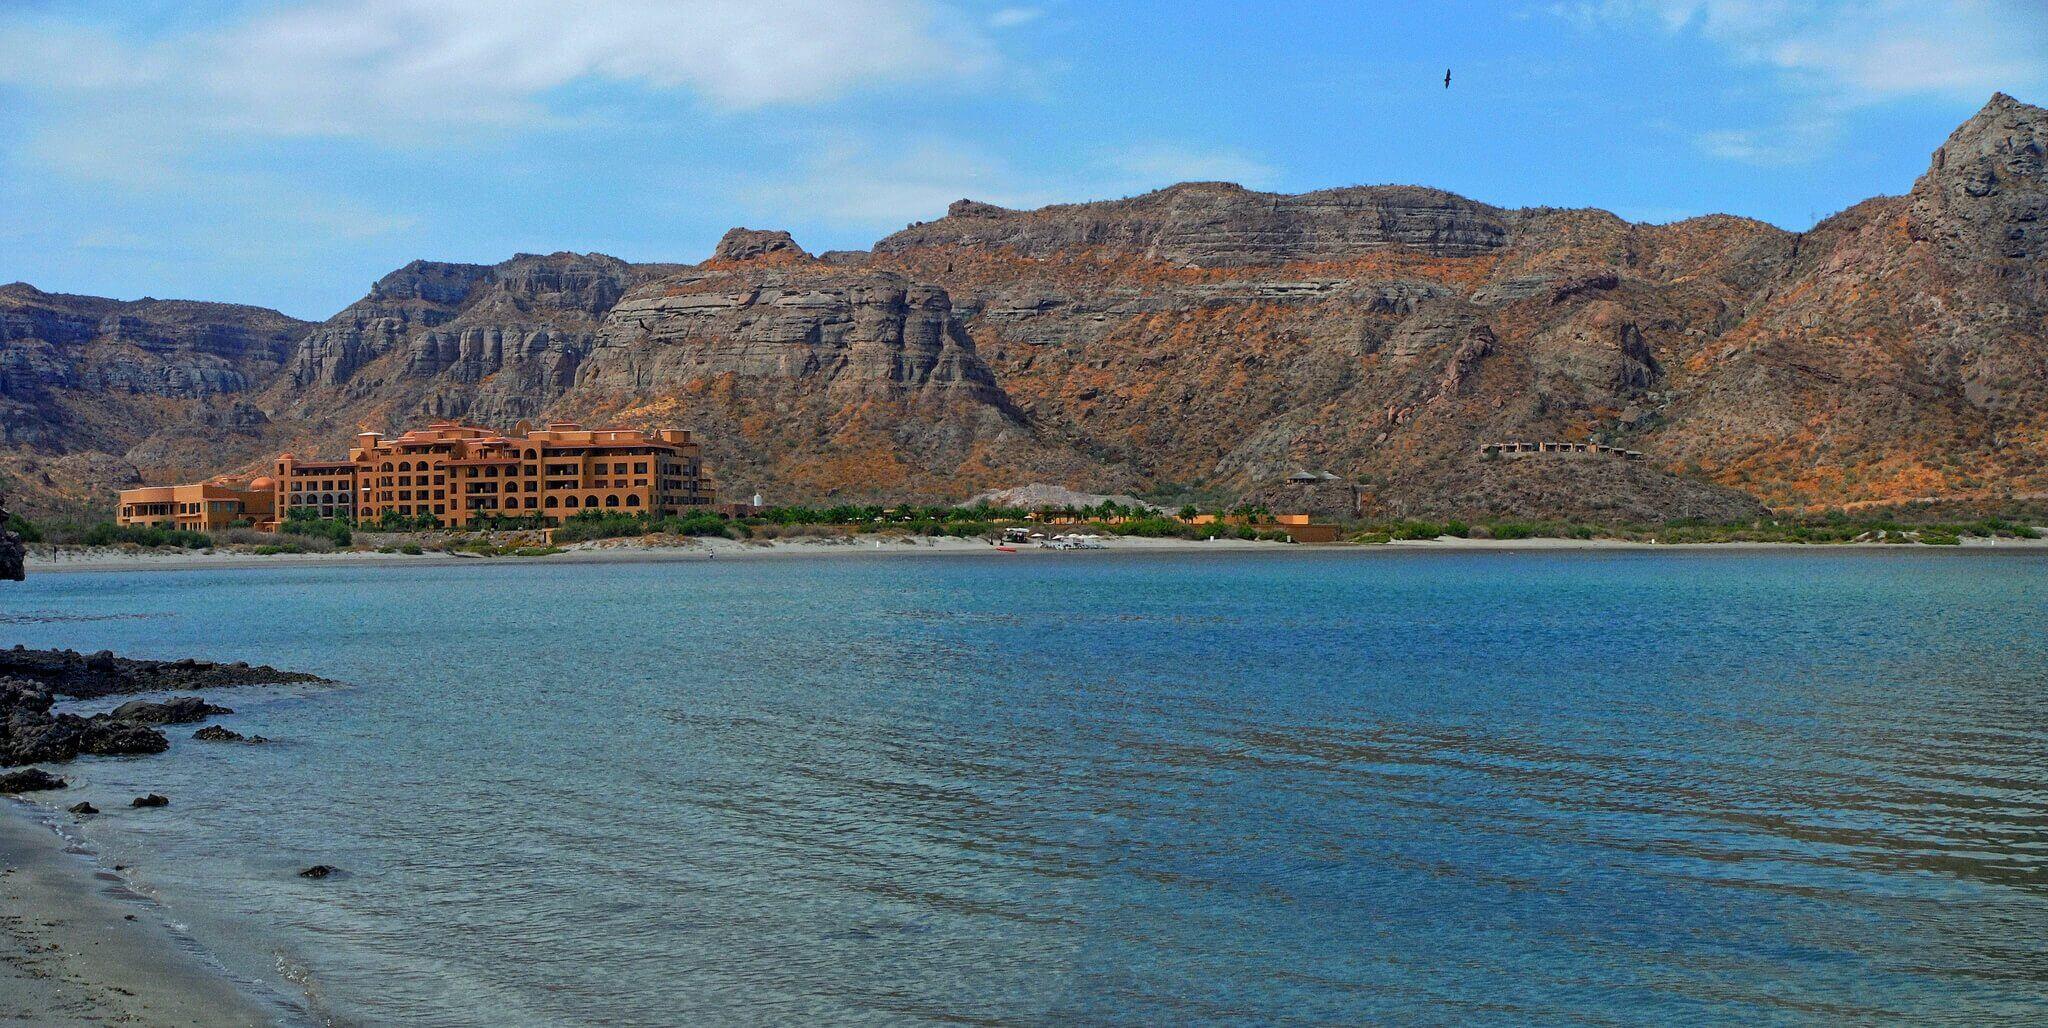 Villa del Palmar Islands of Loreto